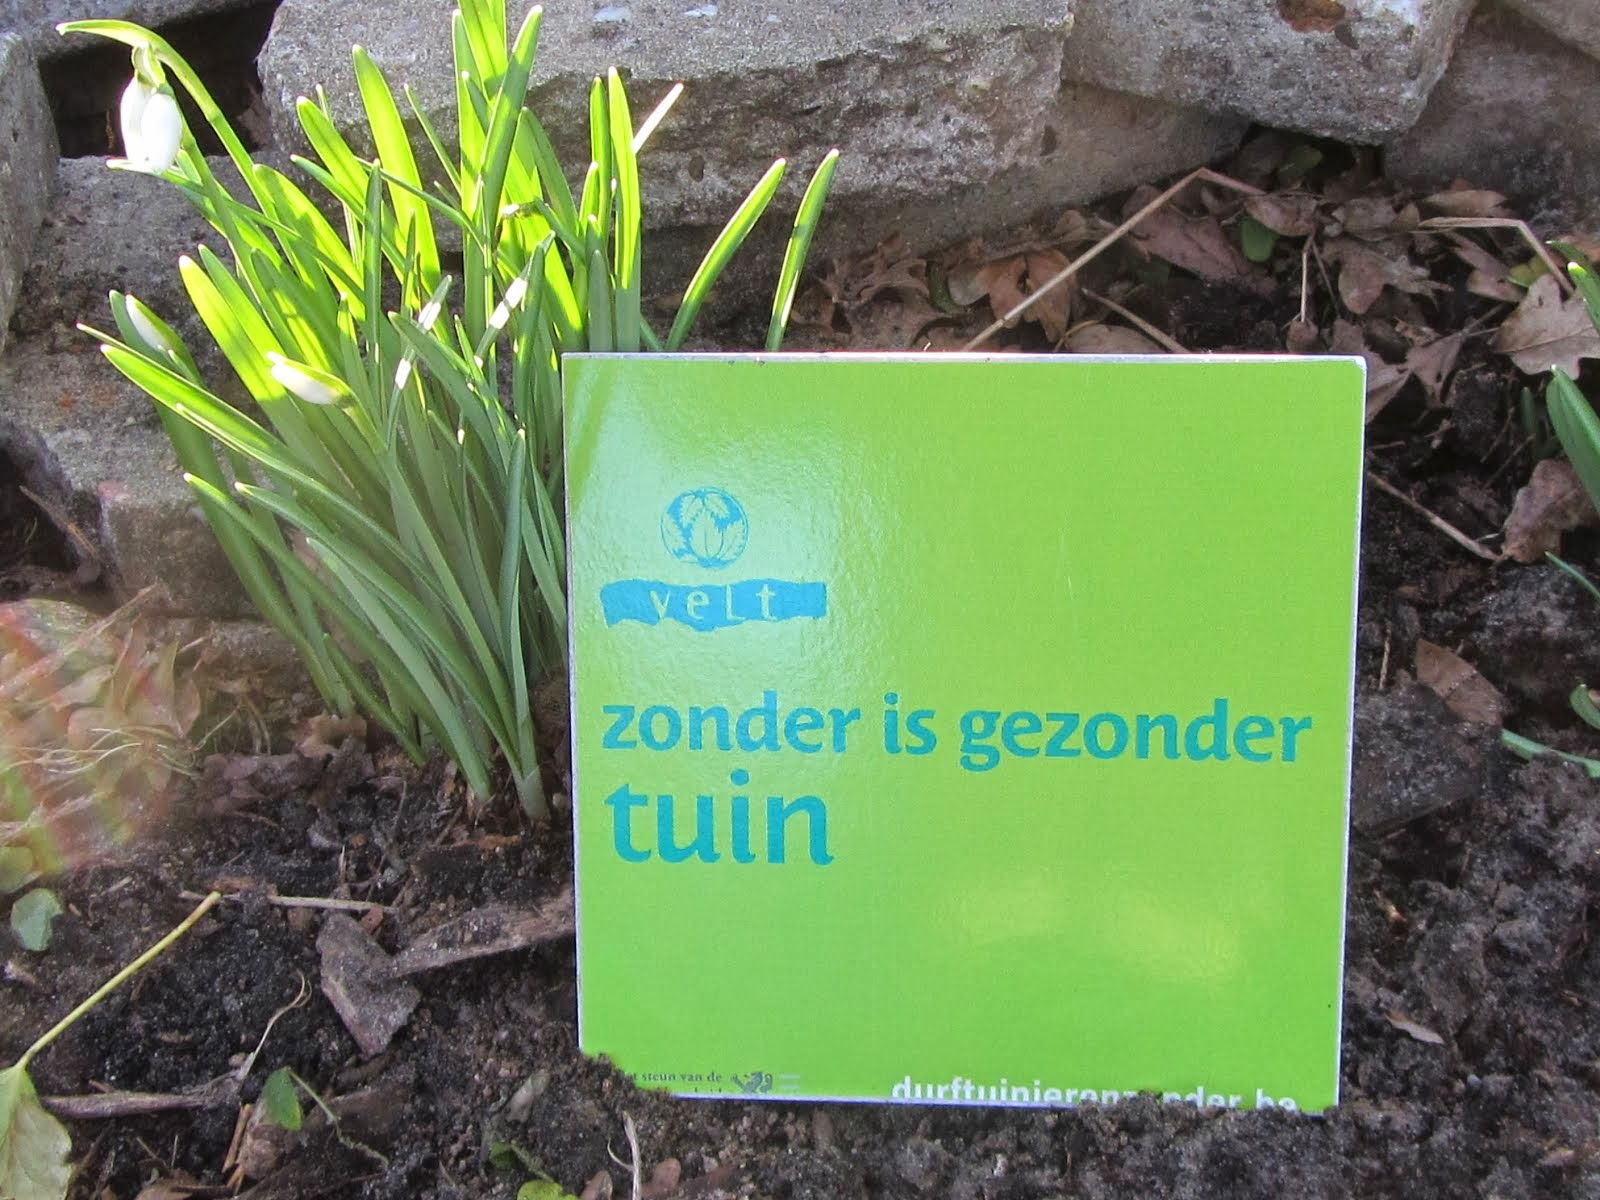 Zonder is gezonder tuin